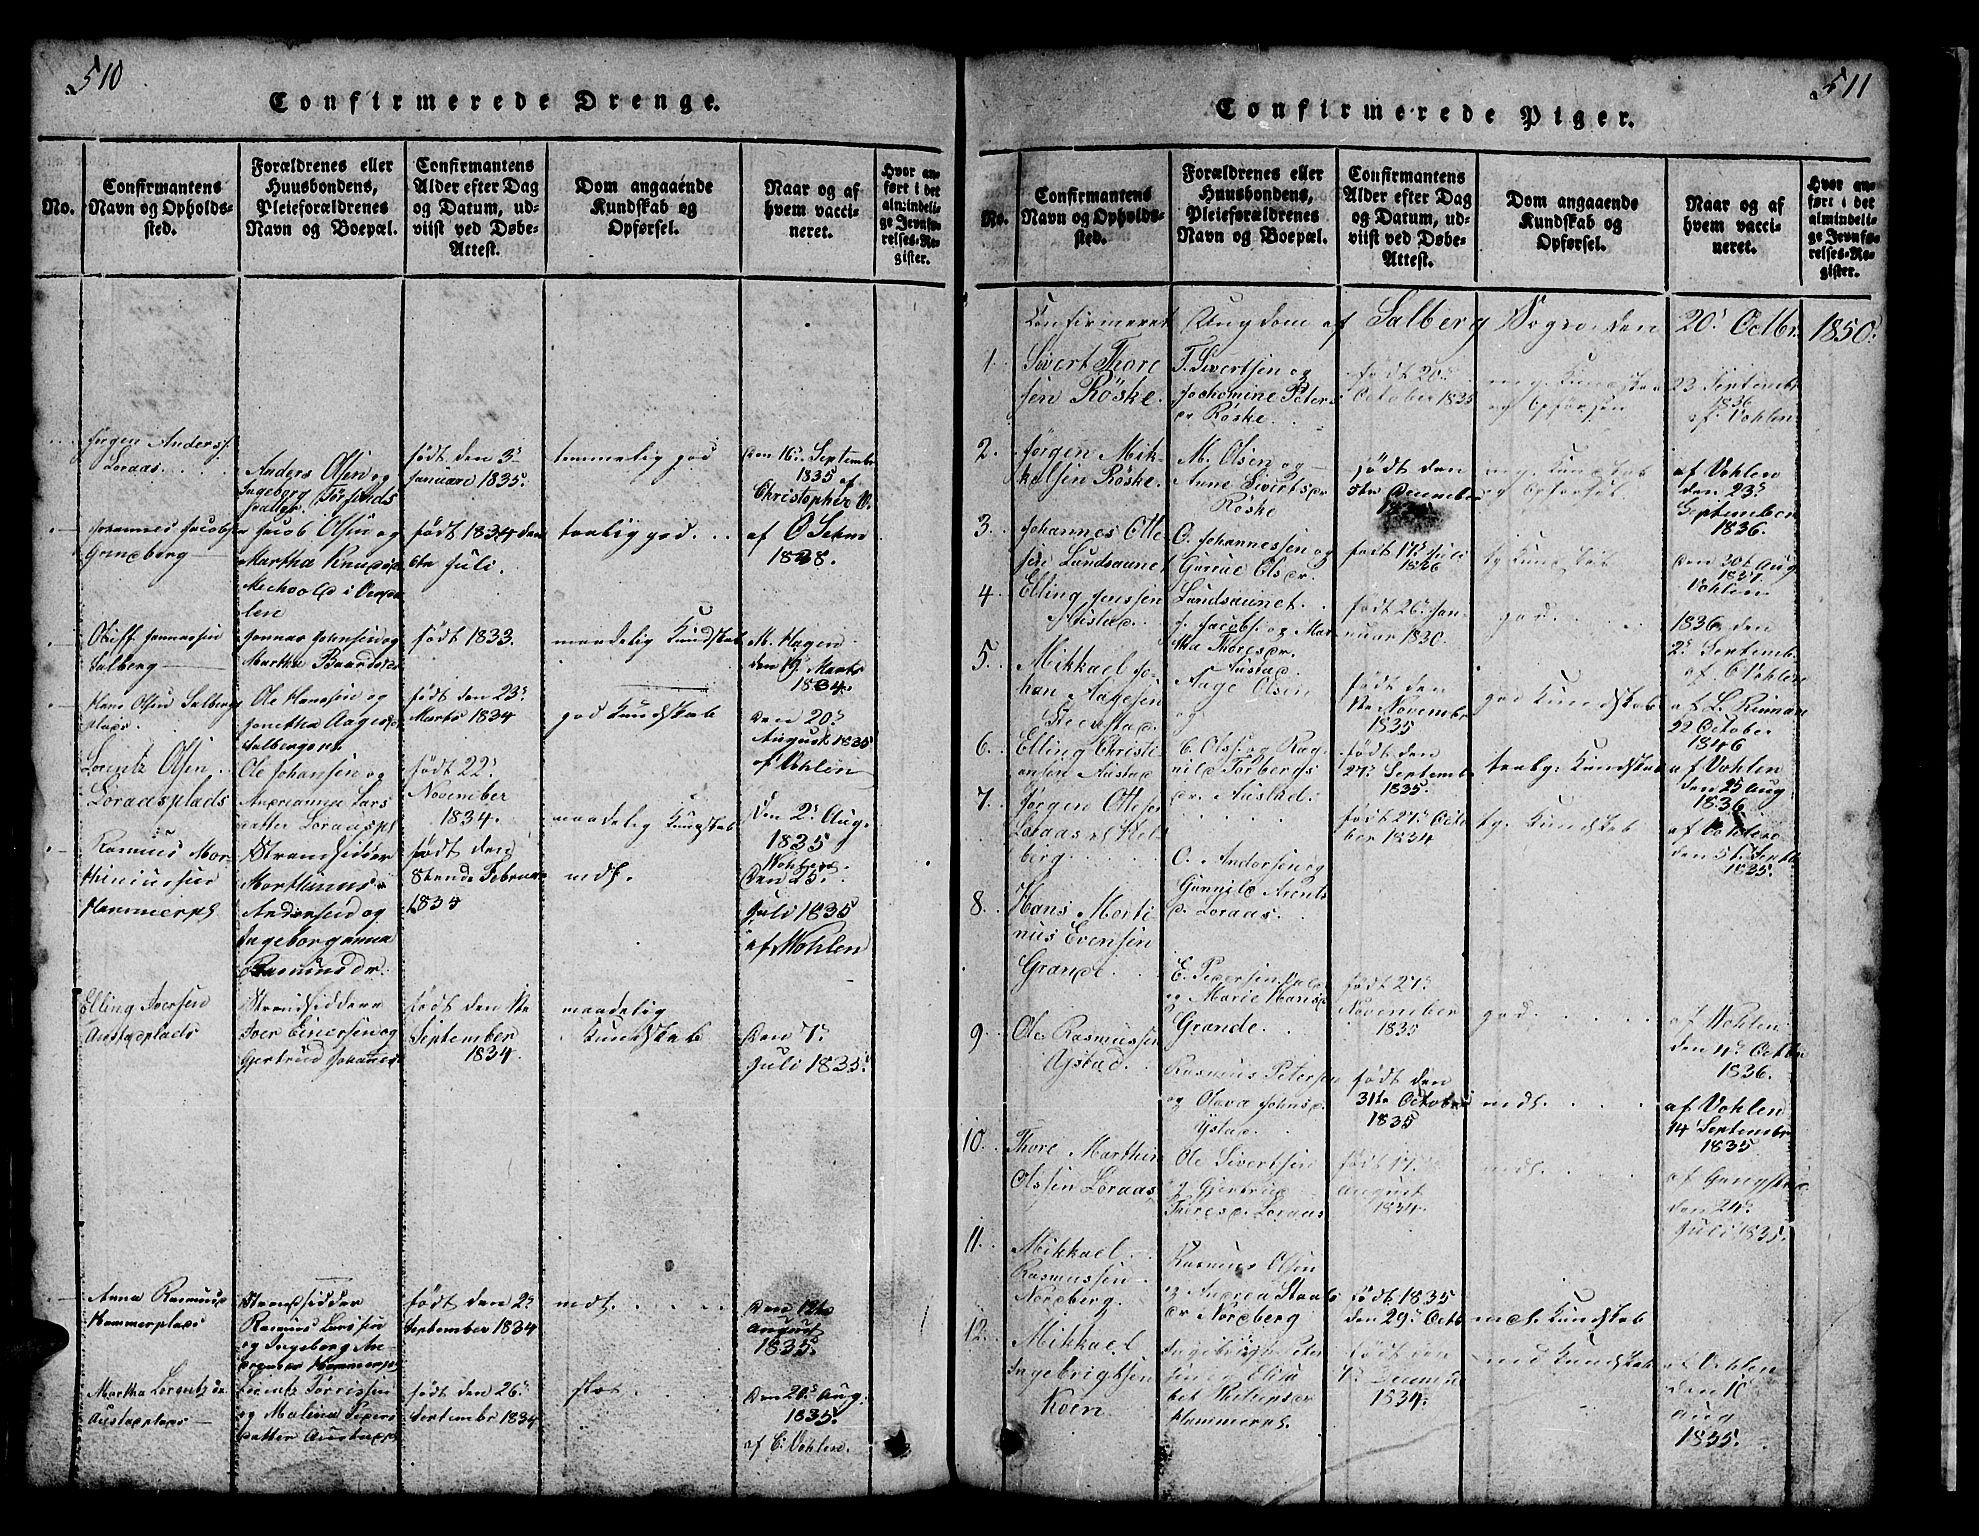 SAT, Ministerialprotokoller, klokkerbøker og fødselsregistre - Nord-Trøndelag, 731/L0310: Klokkerbok nr. 731C01, 1816-1874, s. 510-511